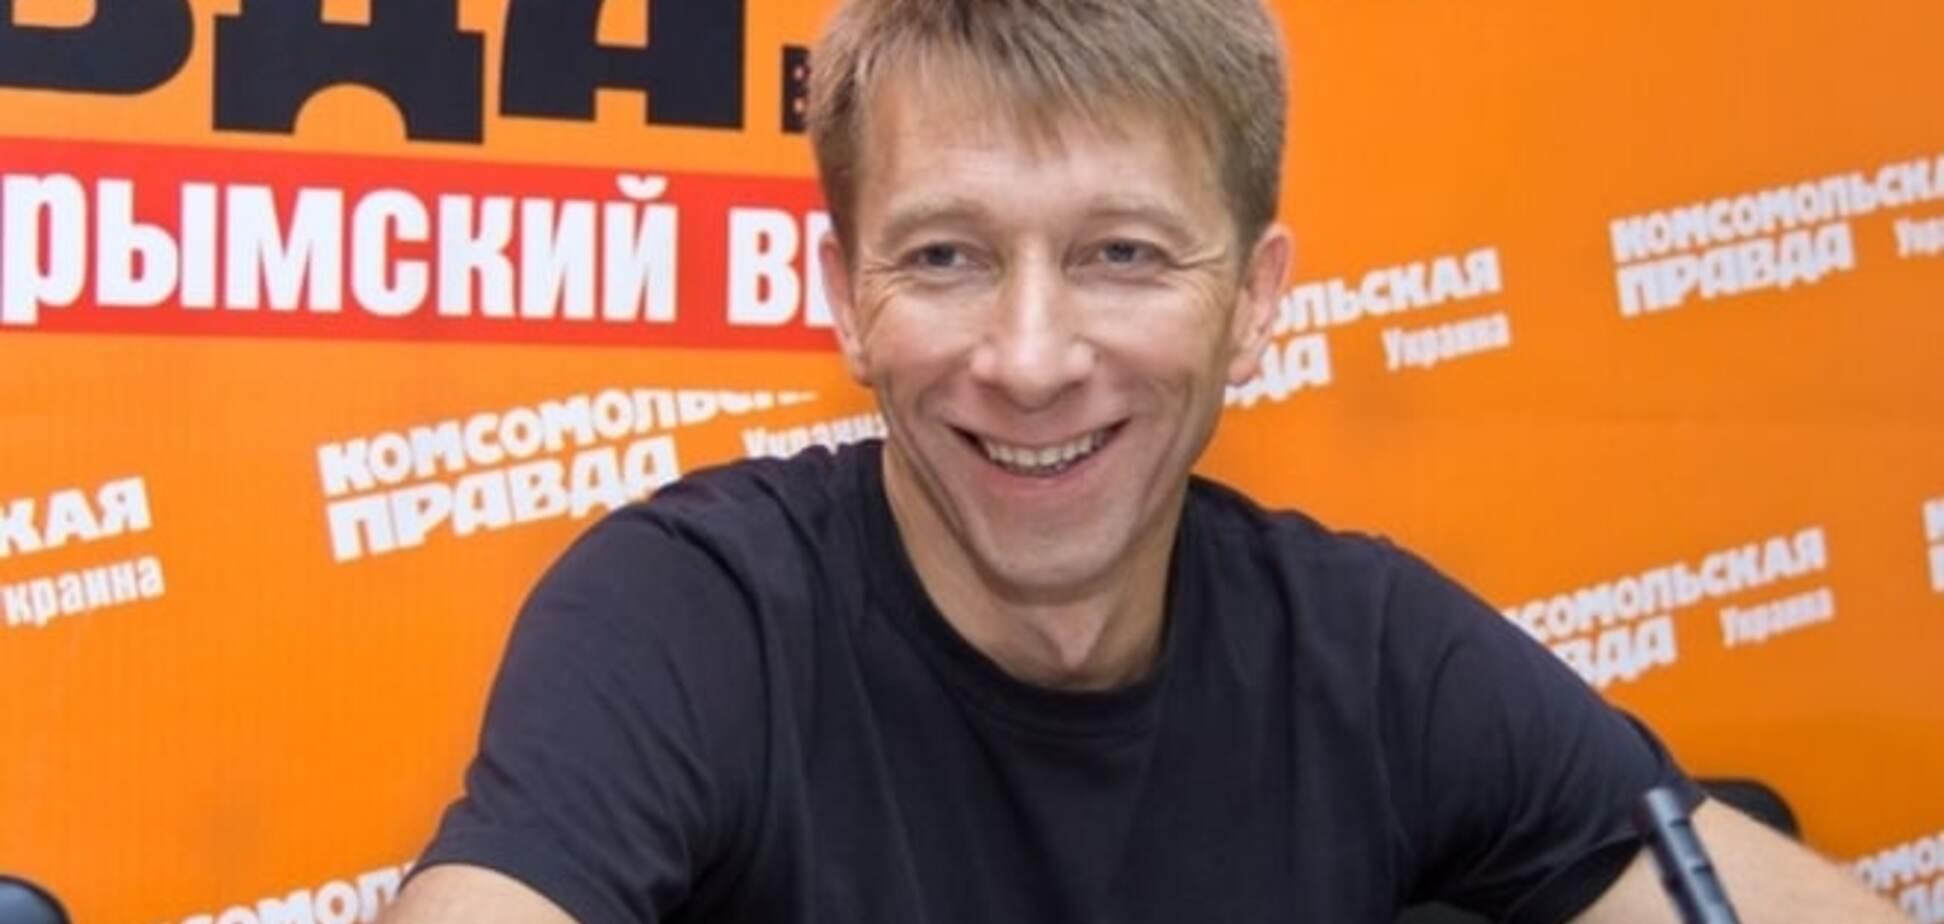 Крымчане стали реже заниматься сексом и чаще смотреть порно - сексолог